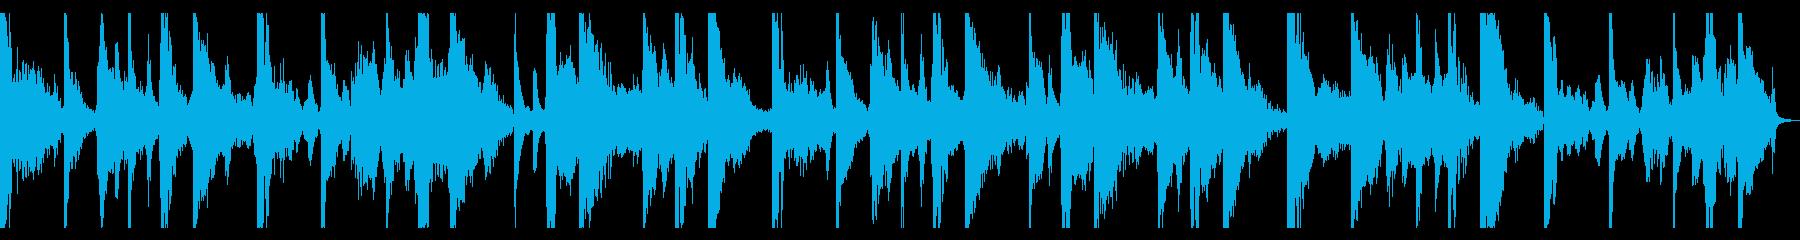 軽快なノリのロックにブルージーなギターの再生済みの波形